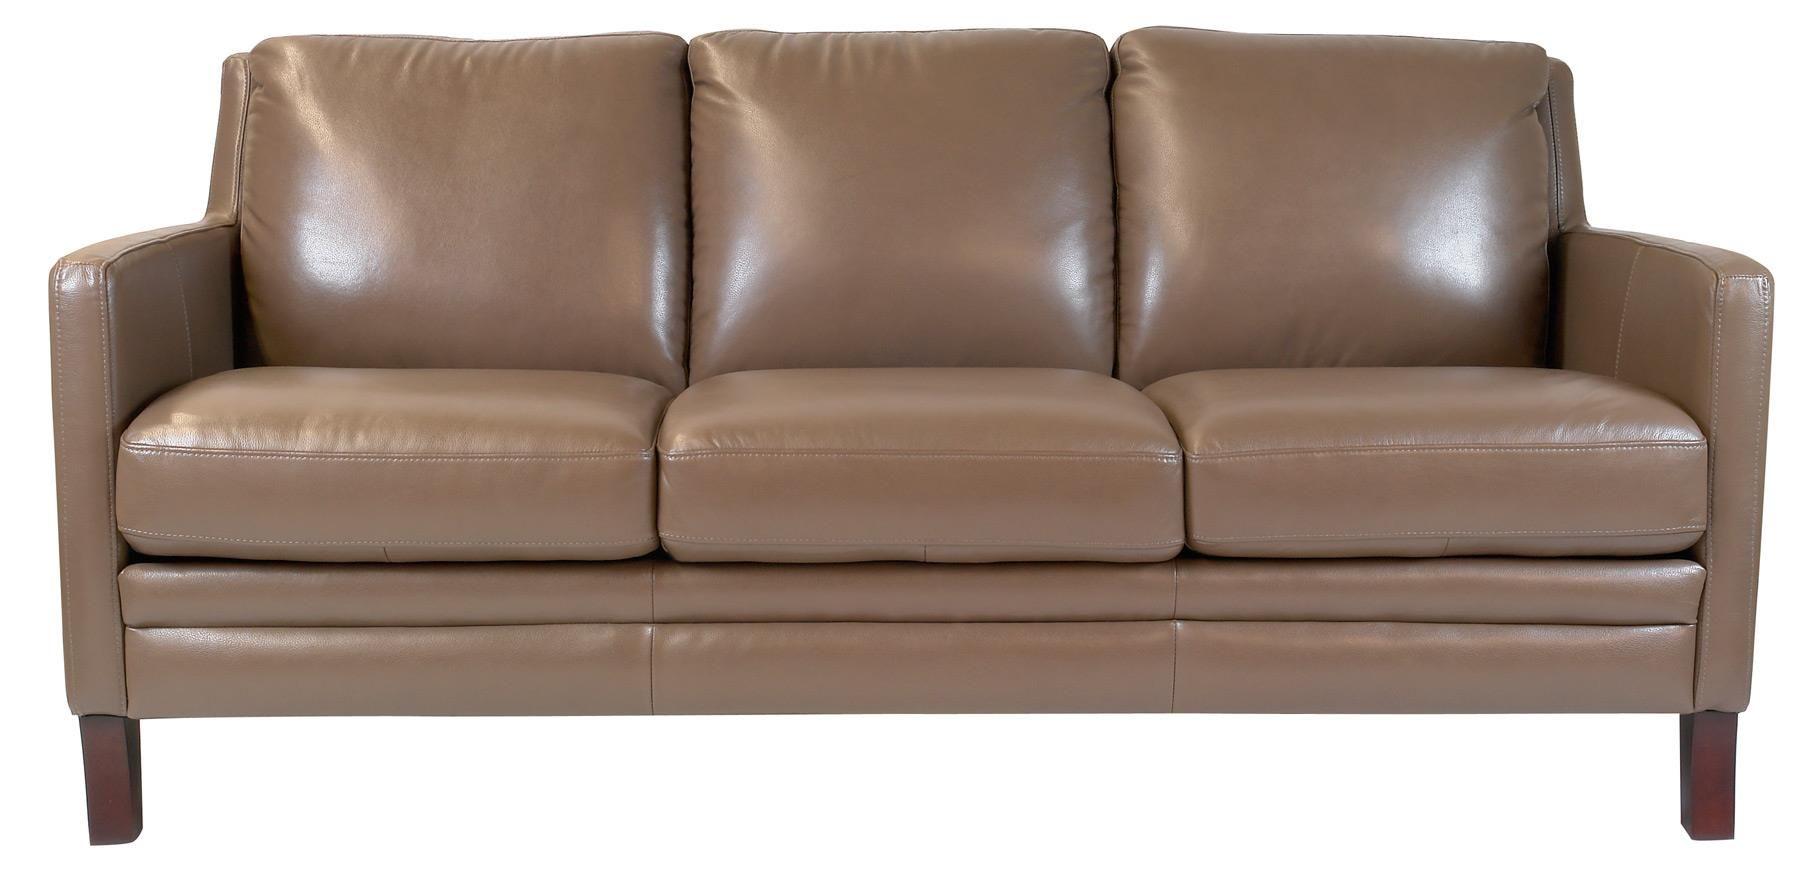 Maxim Sofa By Futura Leather At Homeworld Furniture Sofa